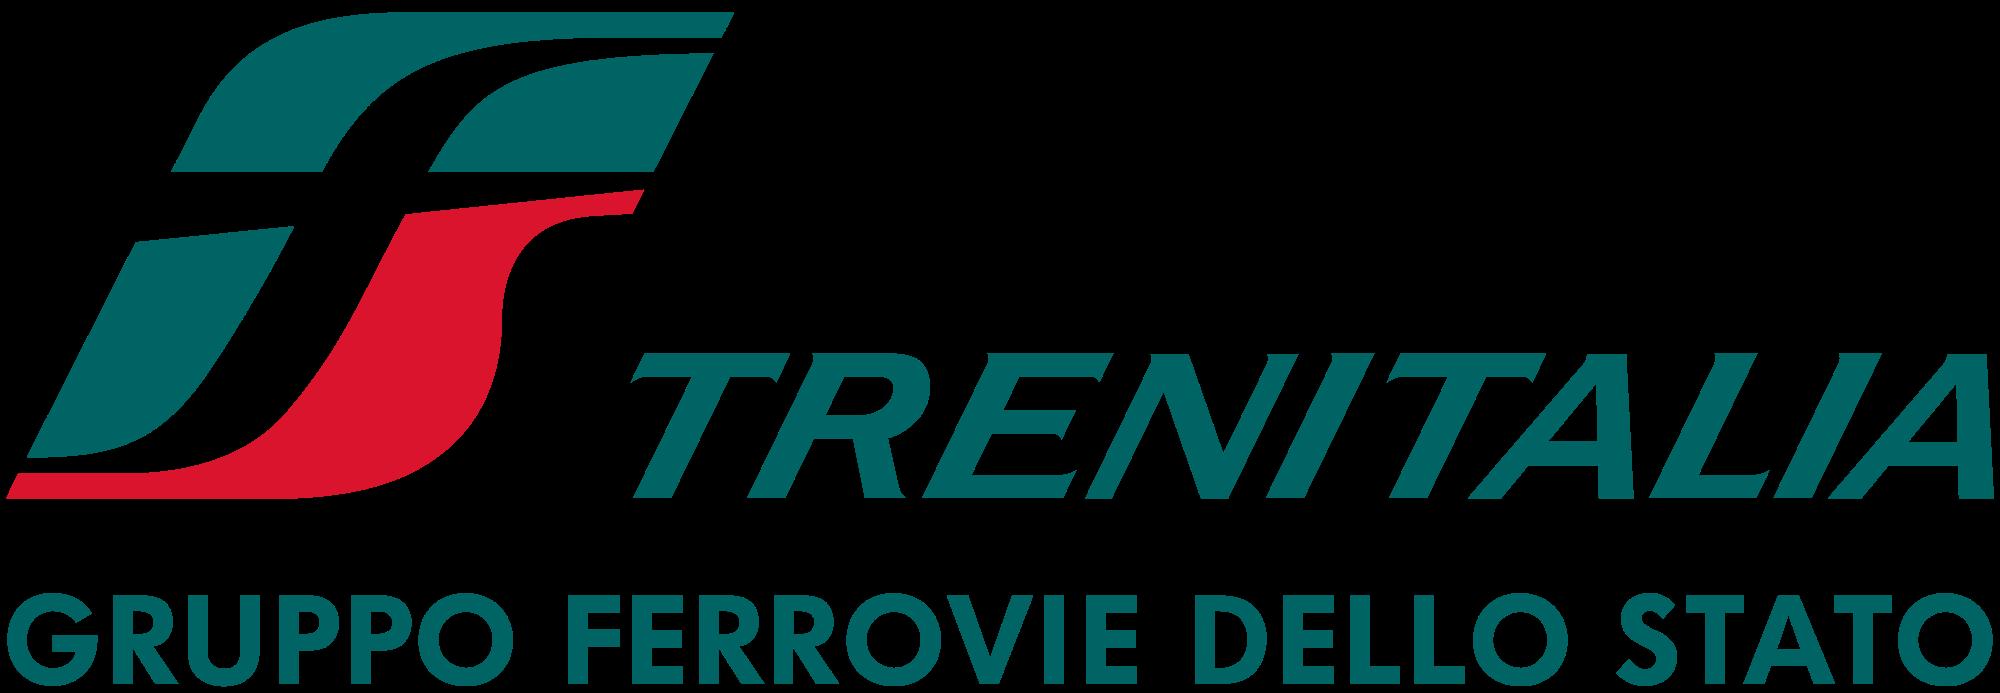 Trenitalia_logo